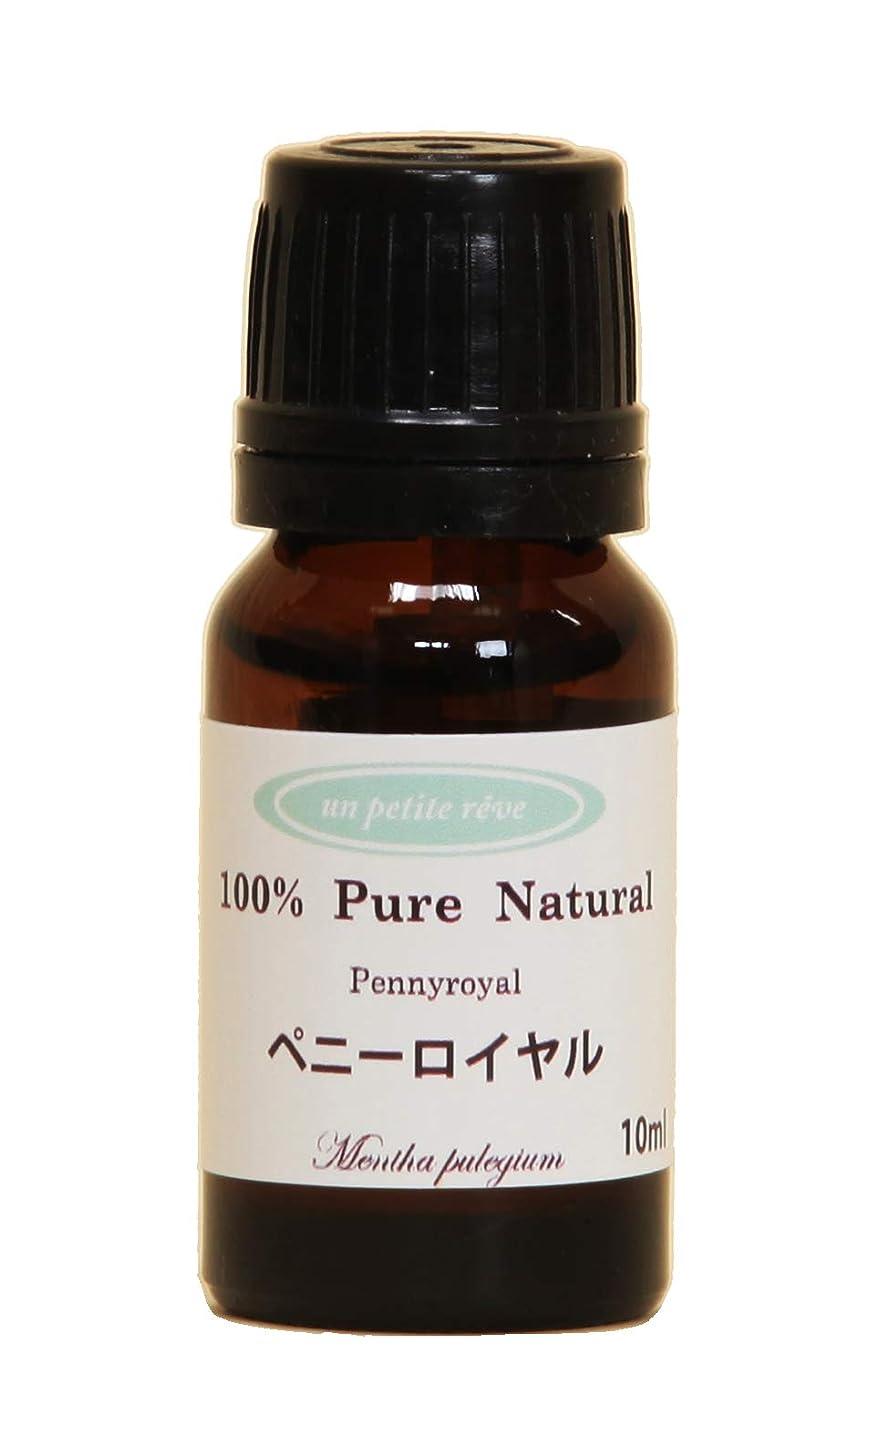 ハーフパール絶えずペニーロイヤル  10ml 100%天然アロマエッセンシャルオイル(精油)